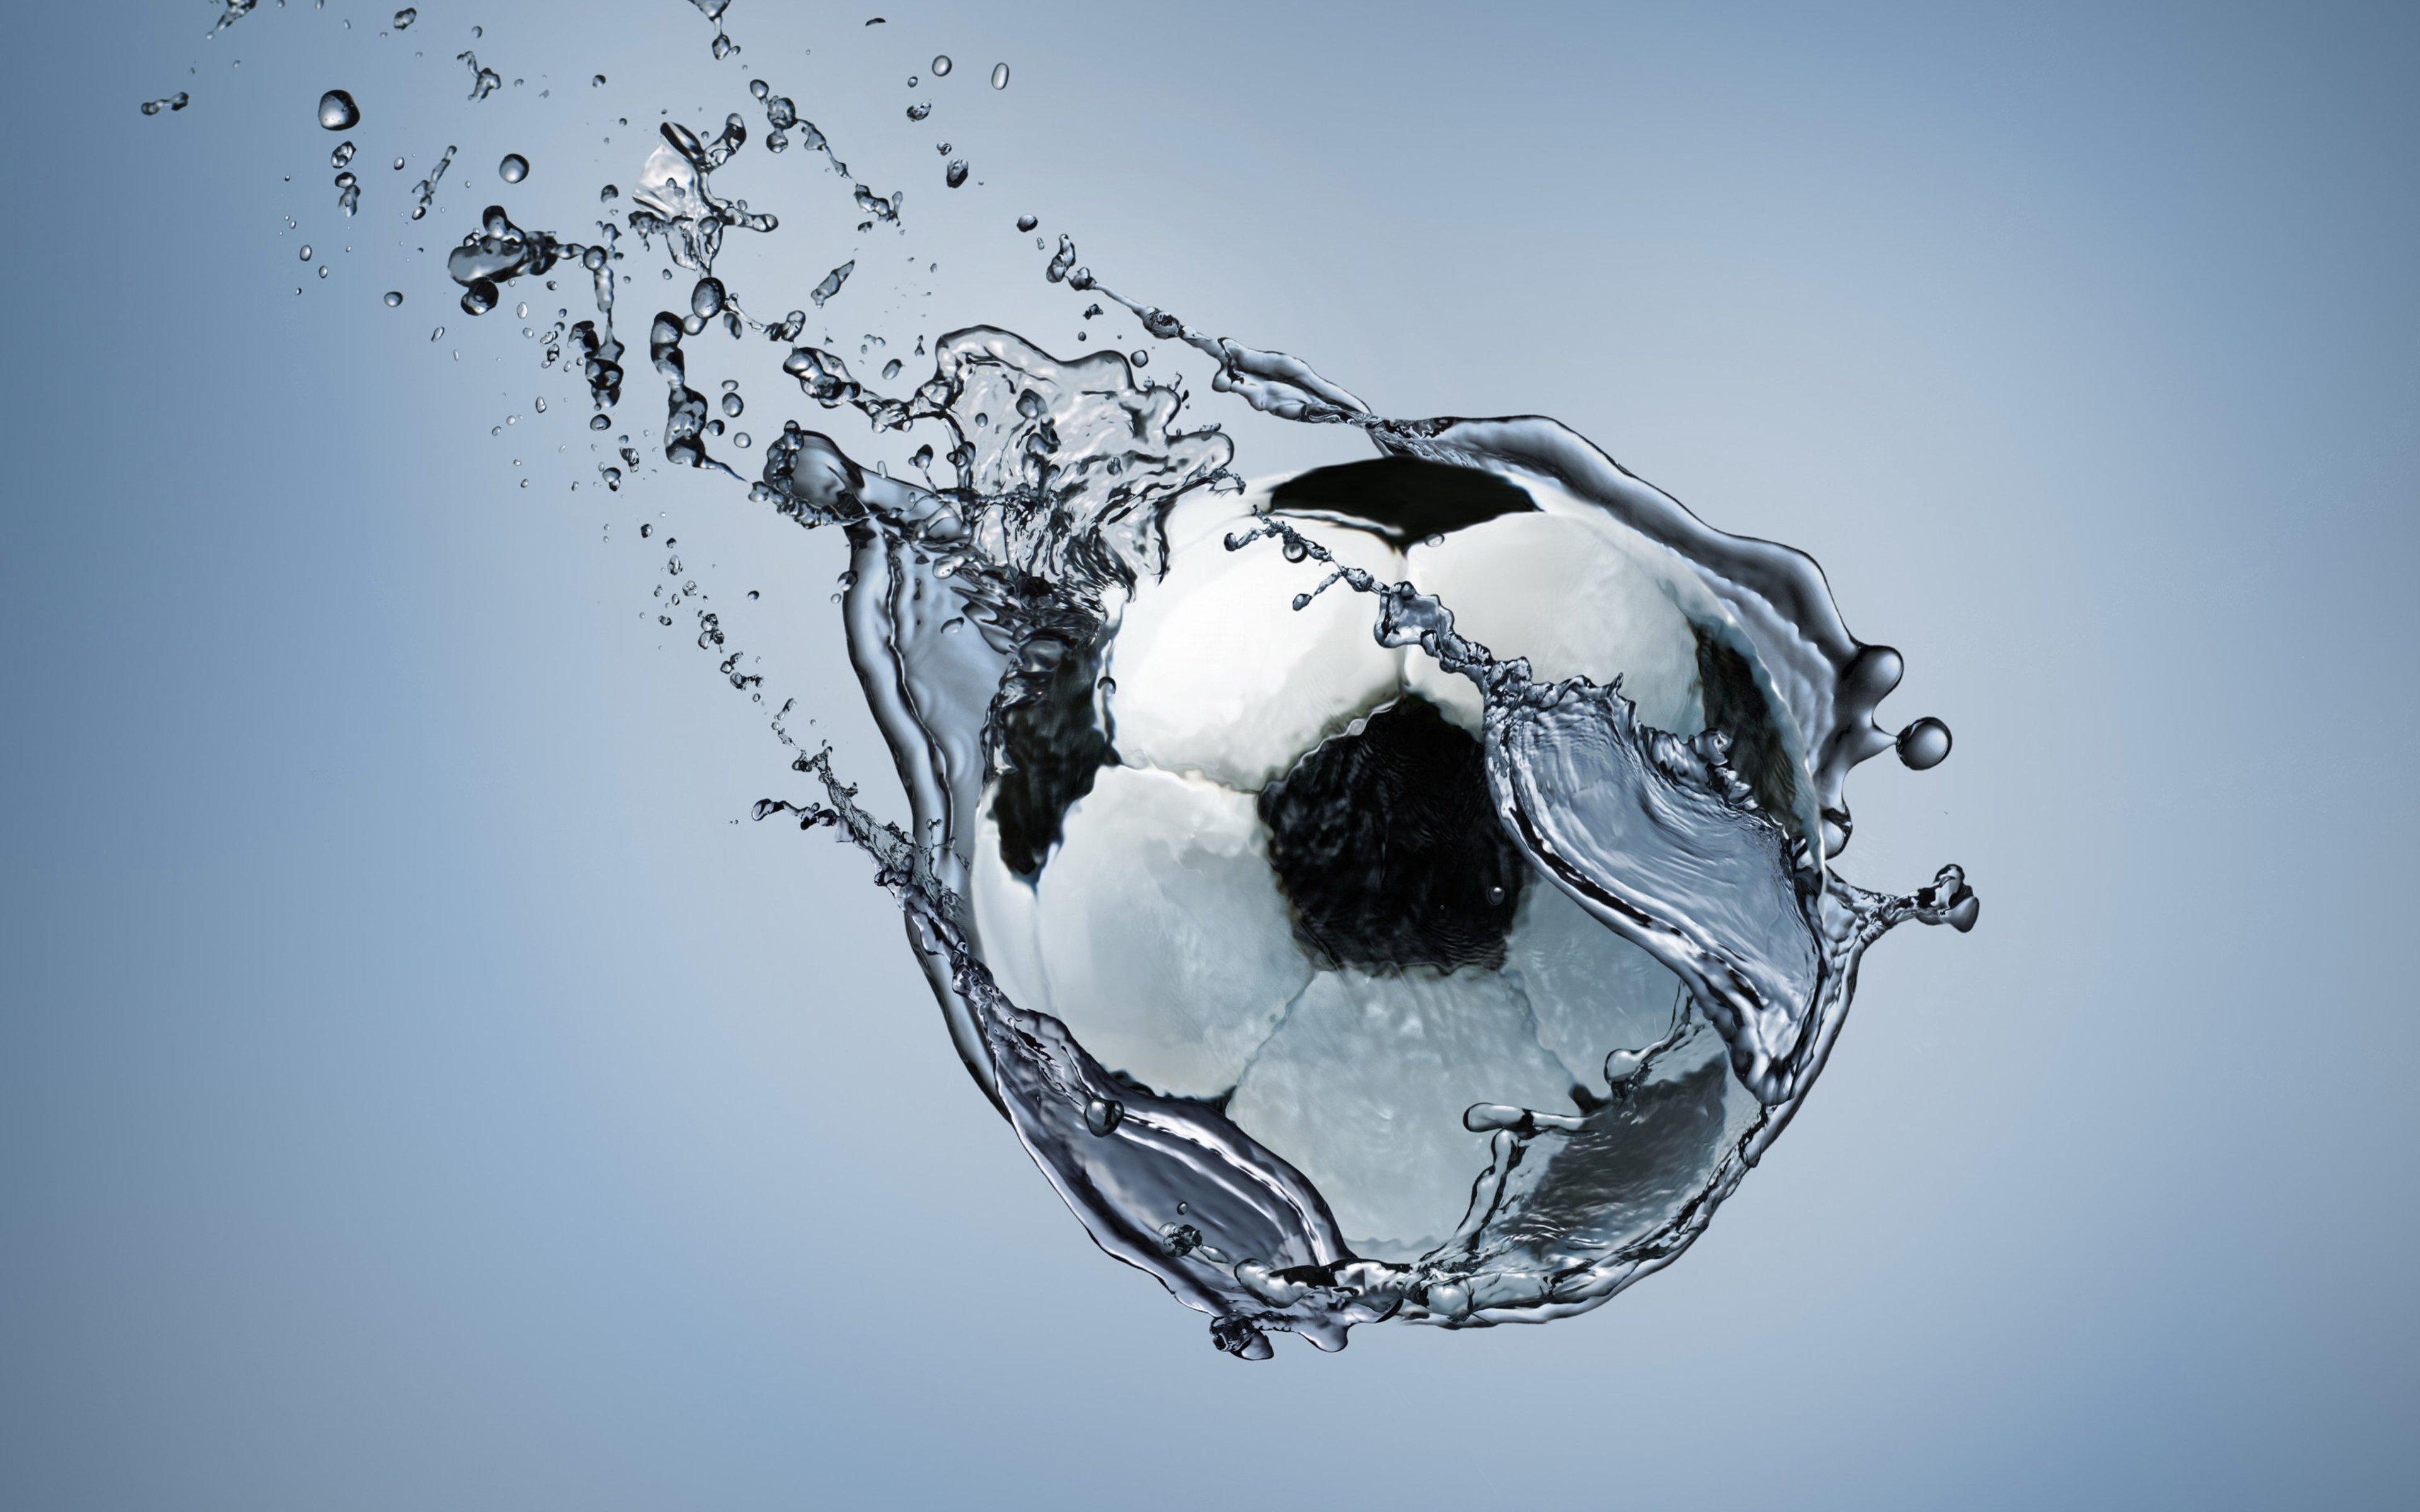 Fondos de pantalla Balón de fútbol atravesando agua